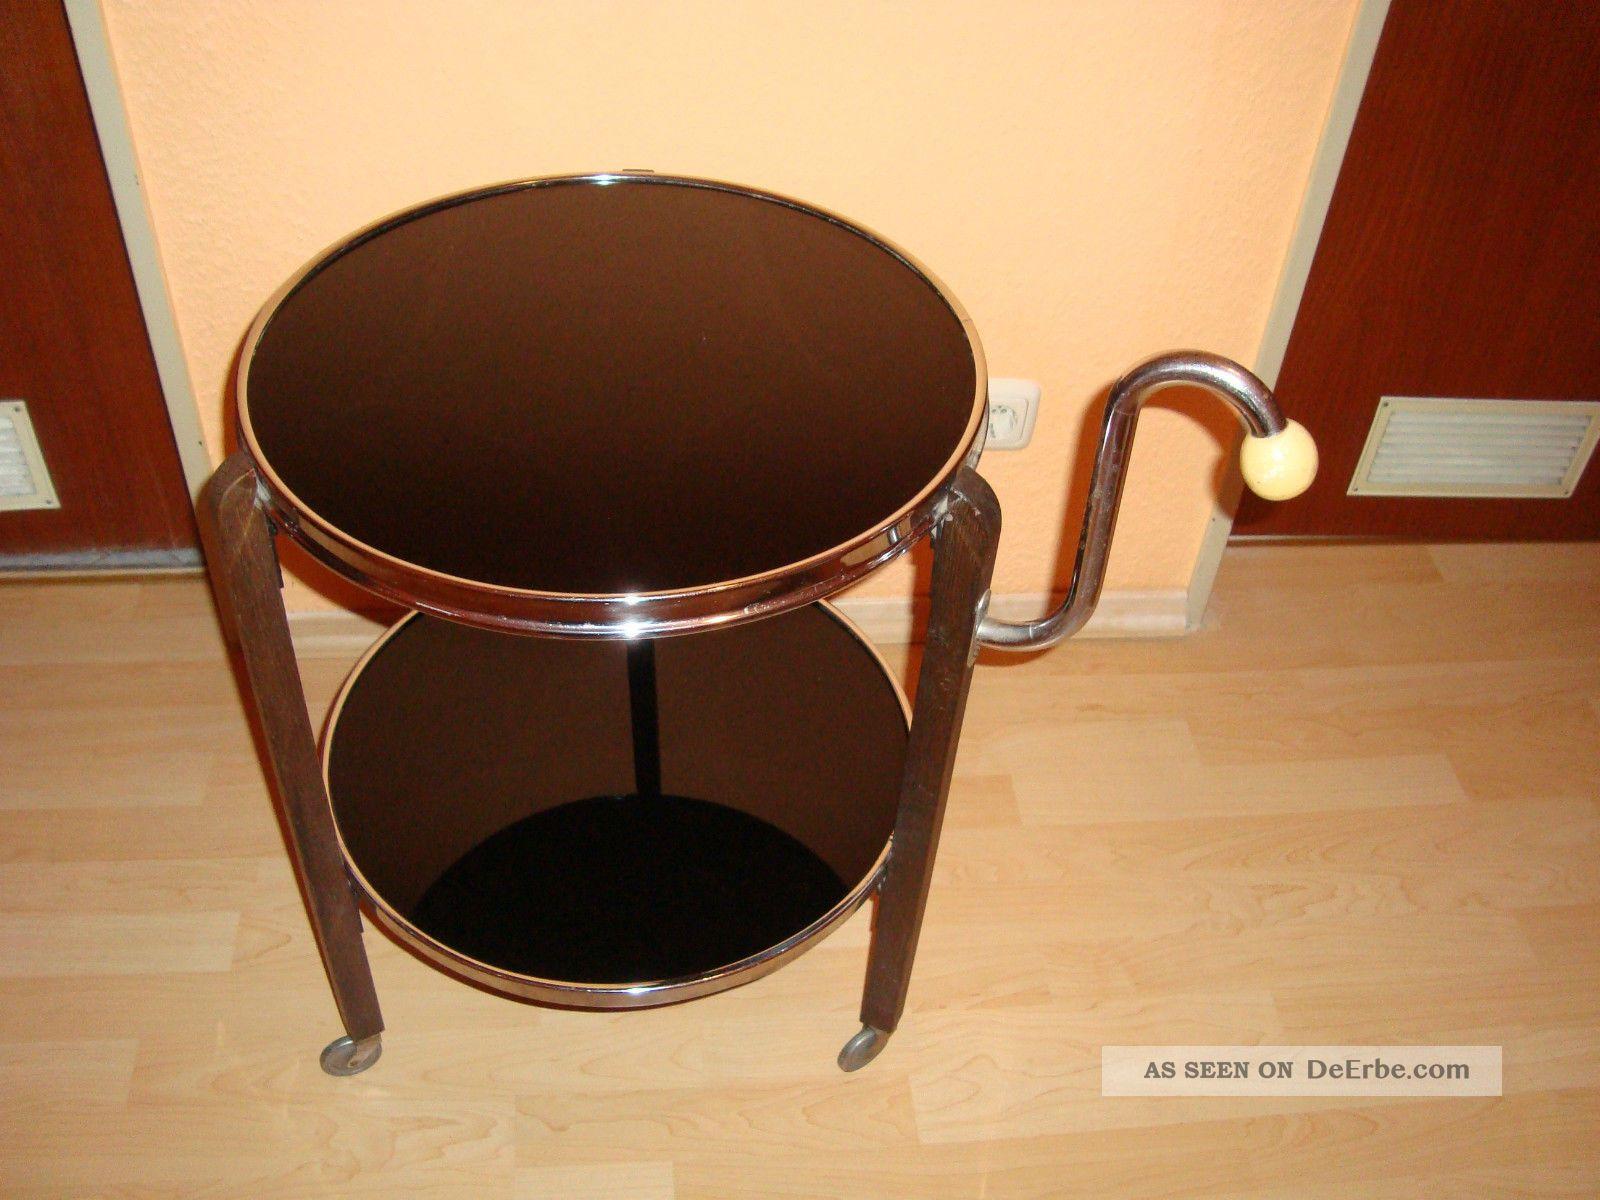 alter beistelltisch rolltisch servierwagen schwarz. Black Bedroom Furniture Sets. Home Design Ideas